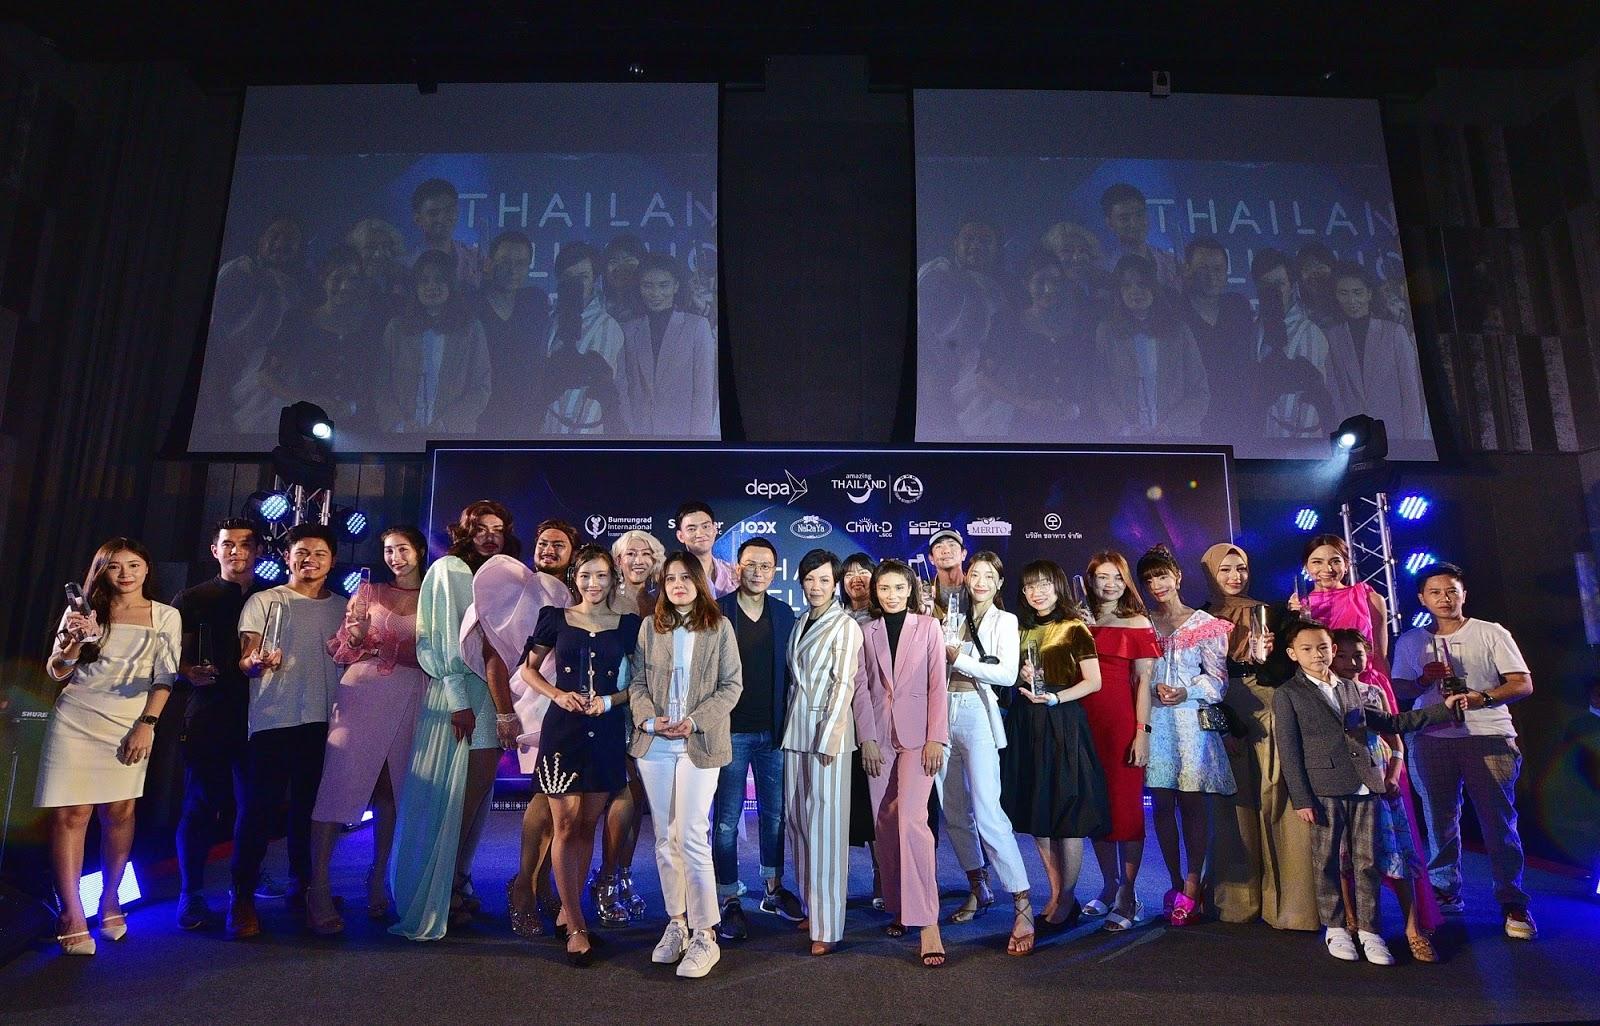 กระหึ่มโซเชียล! ทัพอินฟลูเอนเซอร์ทุกสายคอนเทนต์ร่วมงาน Thailand Influencer Awards 2020 จัดโดยเทลสกอร์